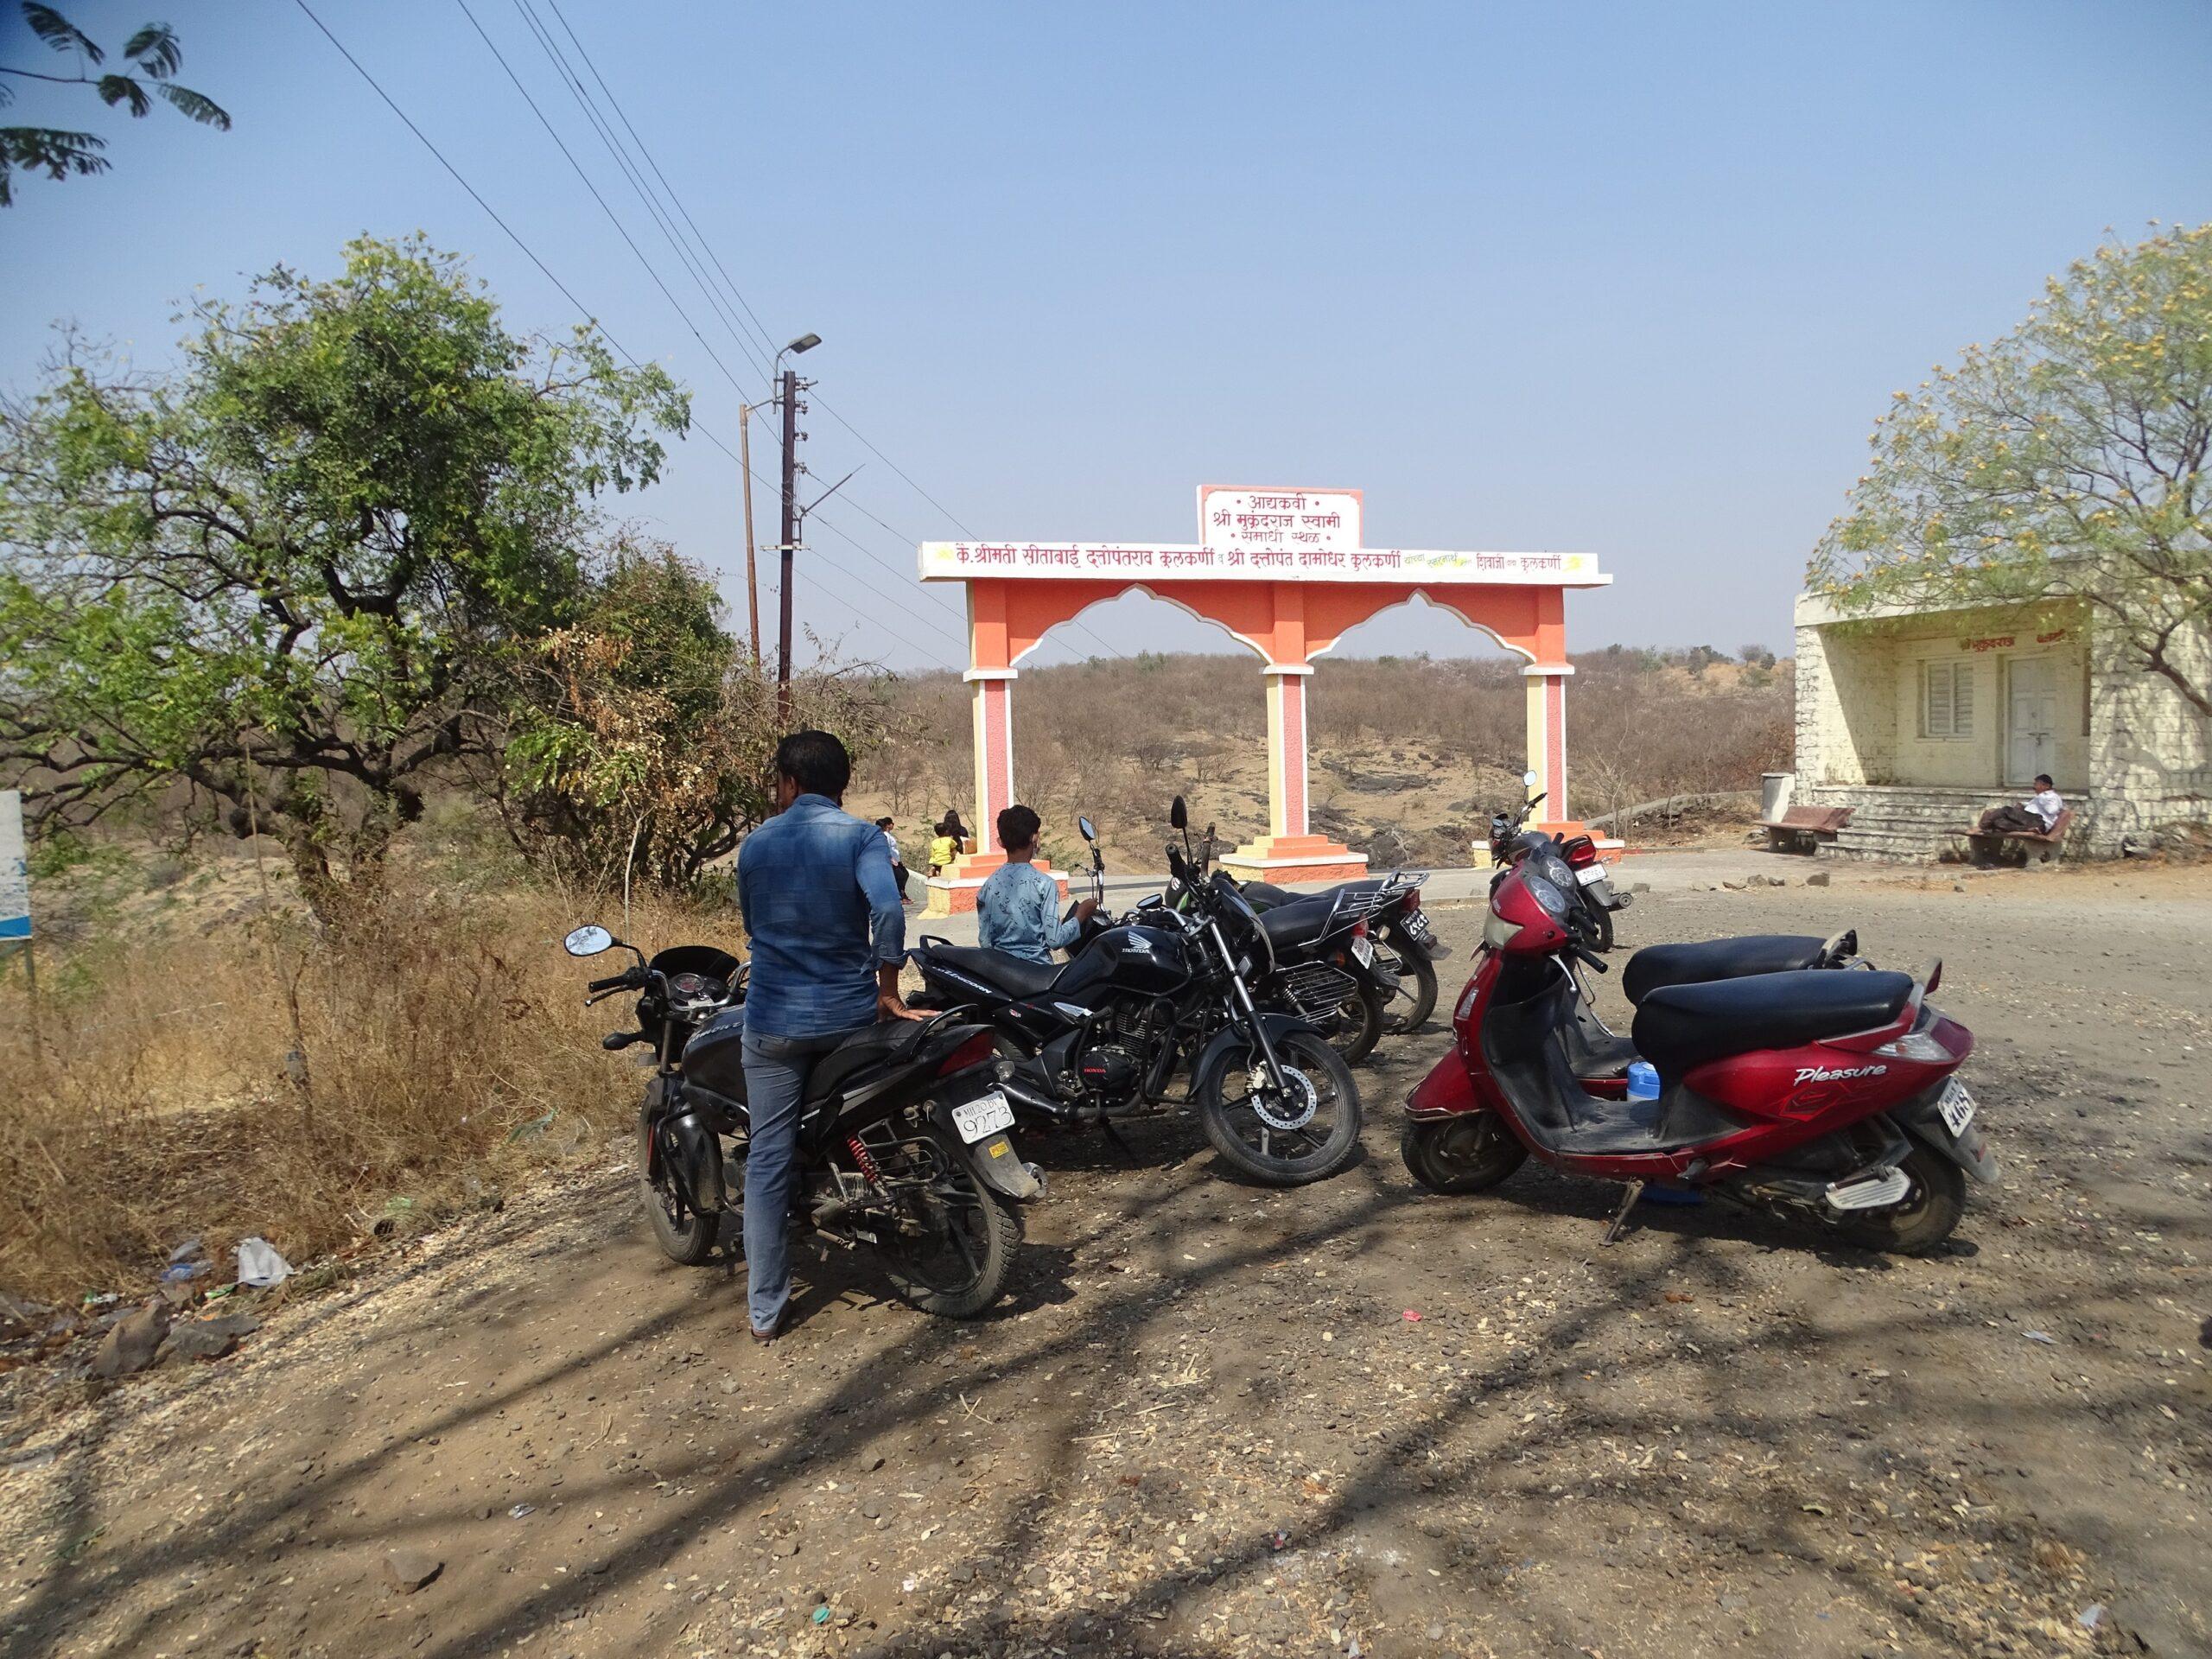 Entrance Gate of Adyakavi Shri Mukundraj Swami Samadhi Sthal (Ambajogai, Maharashtra, India)